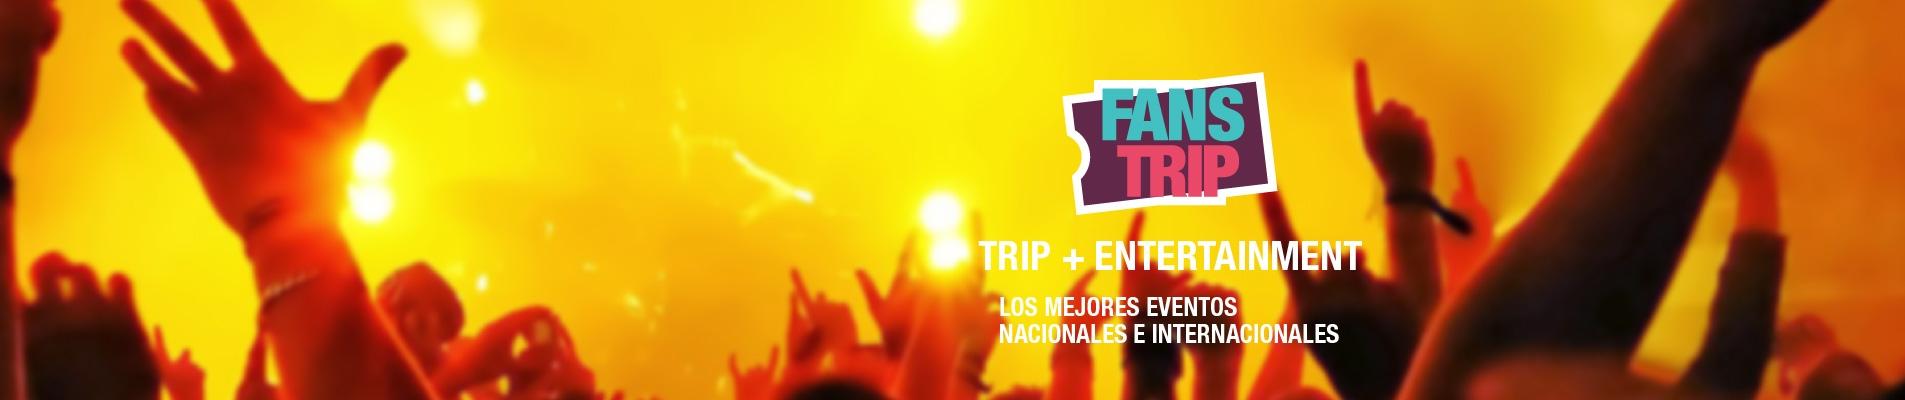 Fans trip